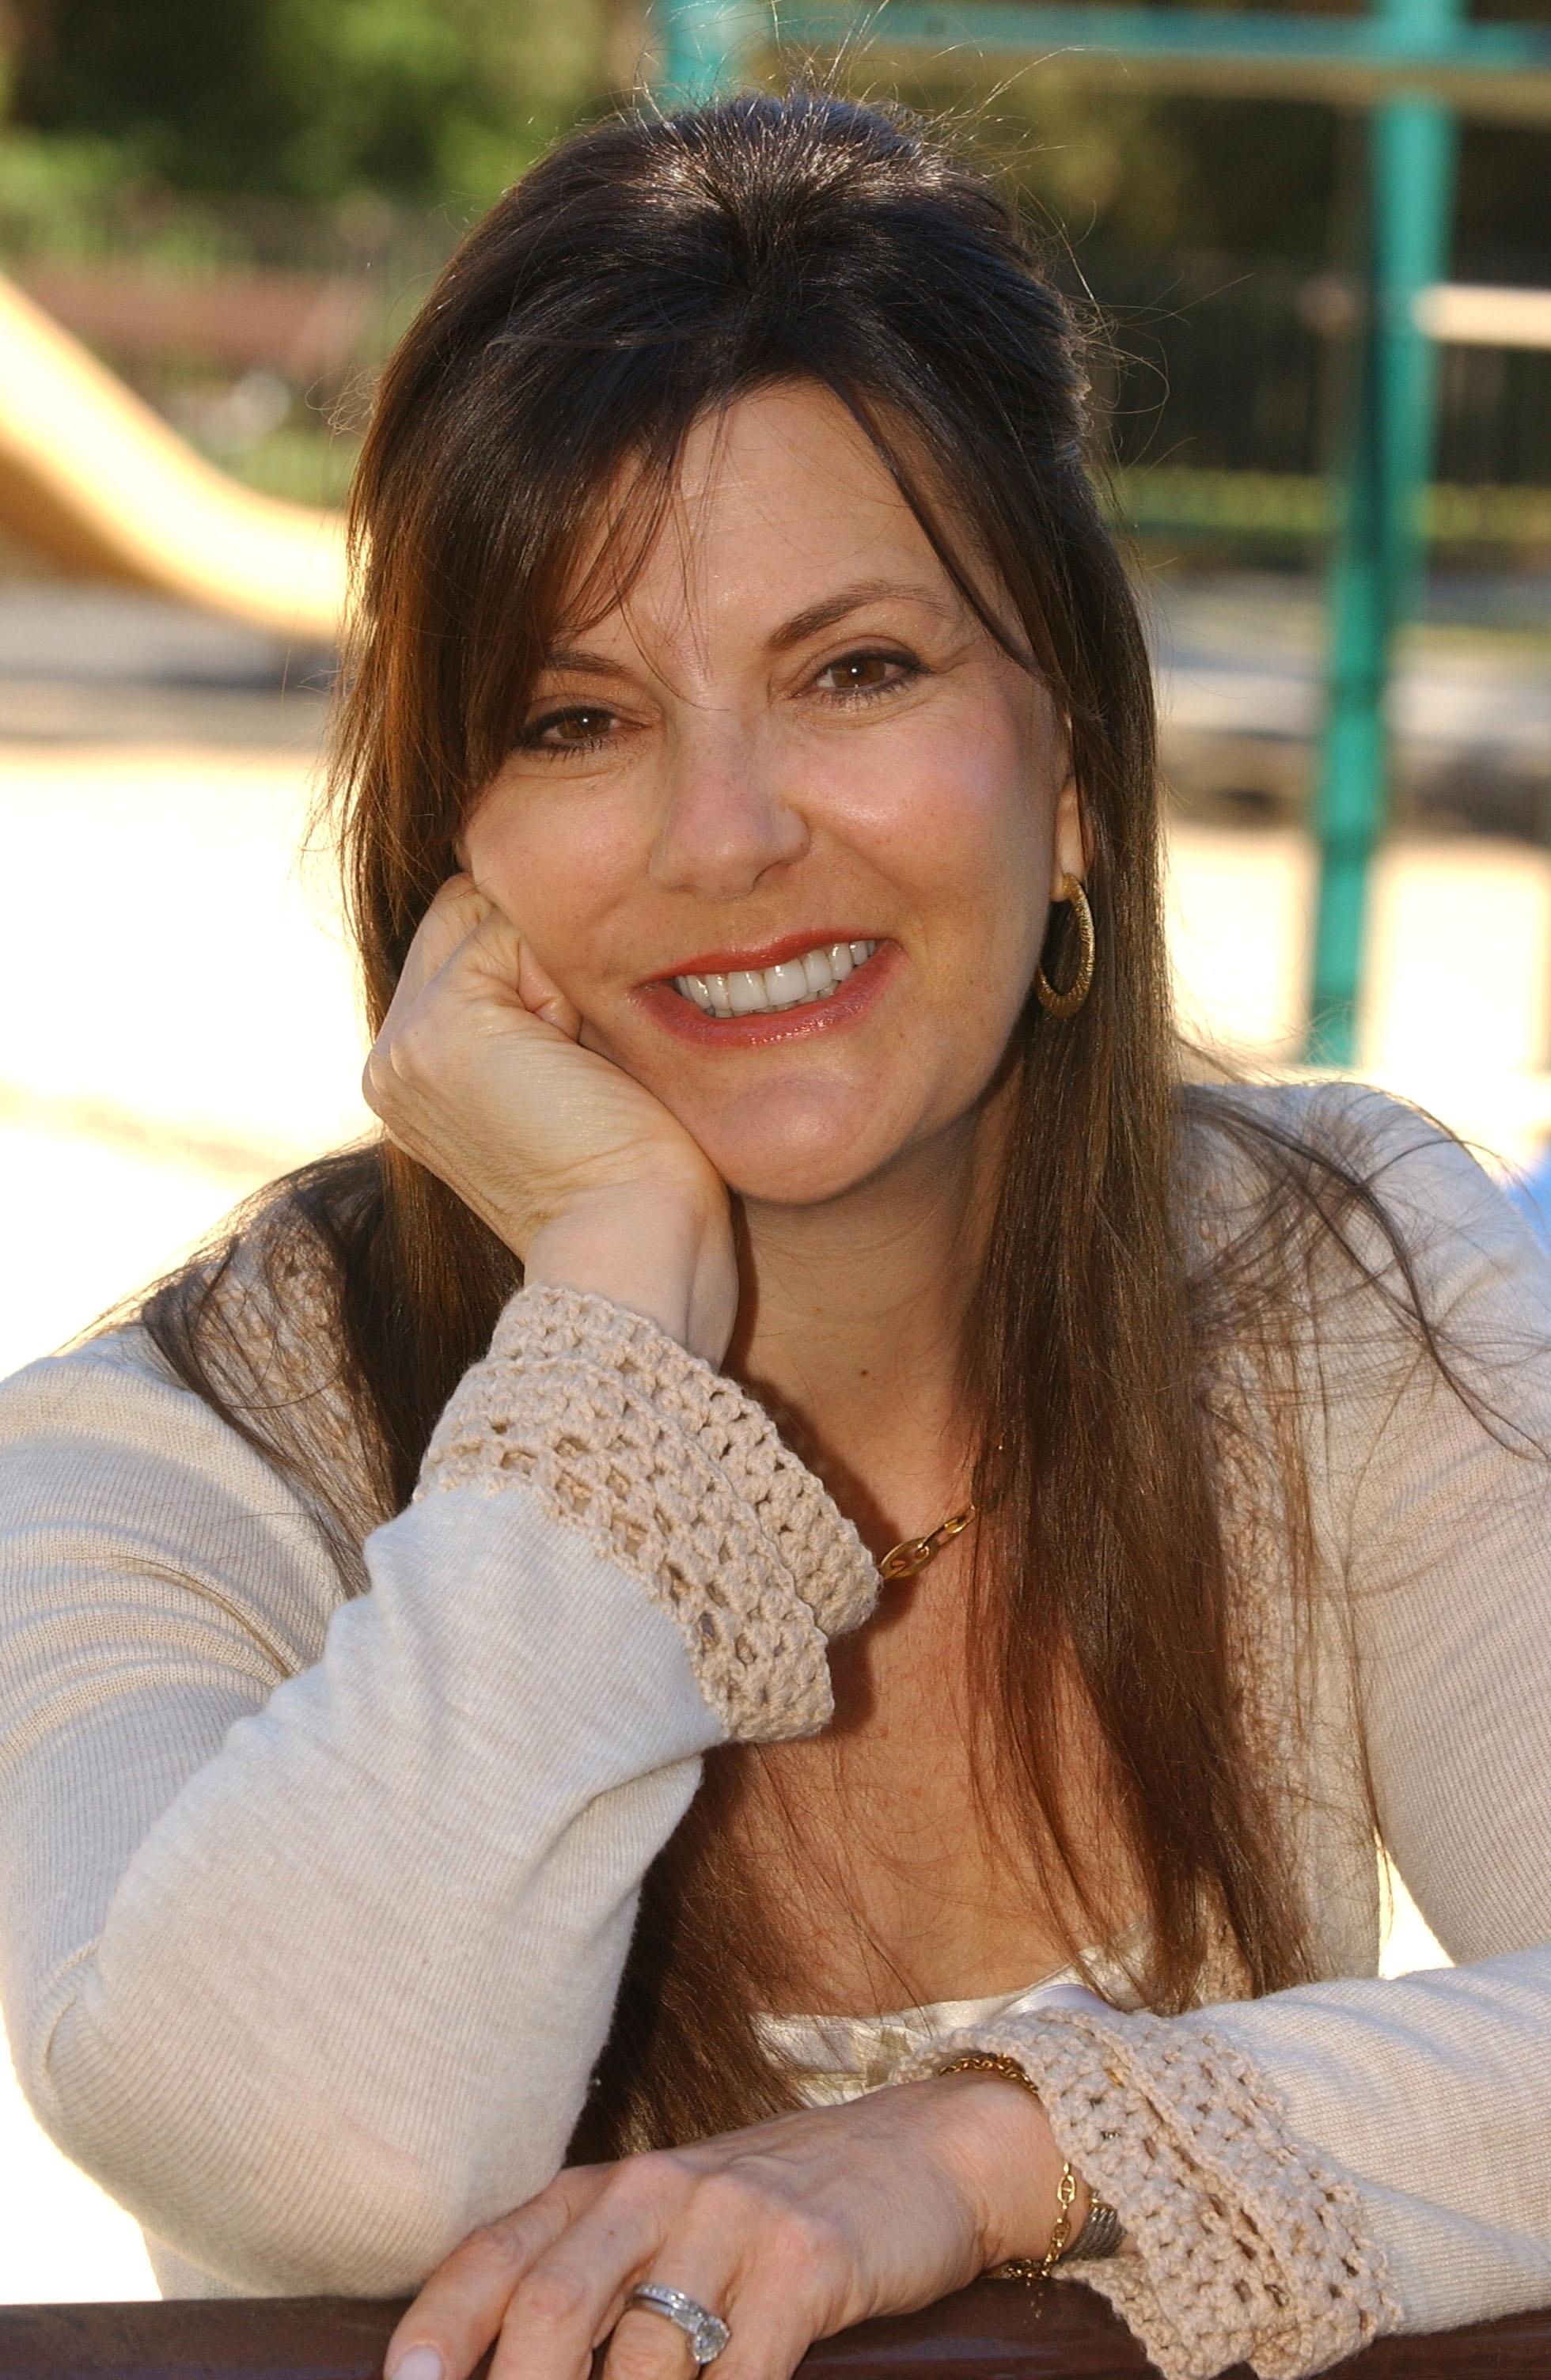 Jacqueline Caster. Photo: Rich schmitt